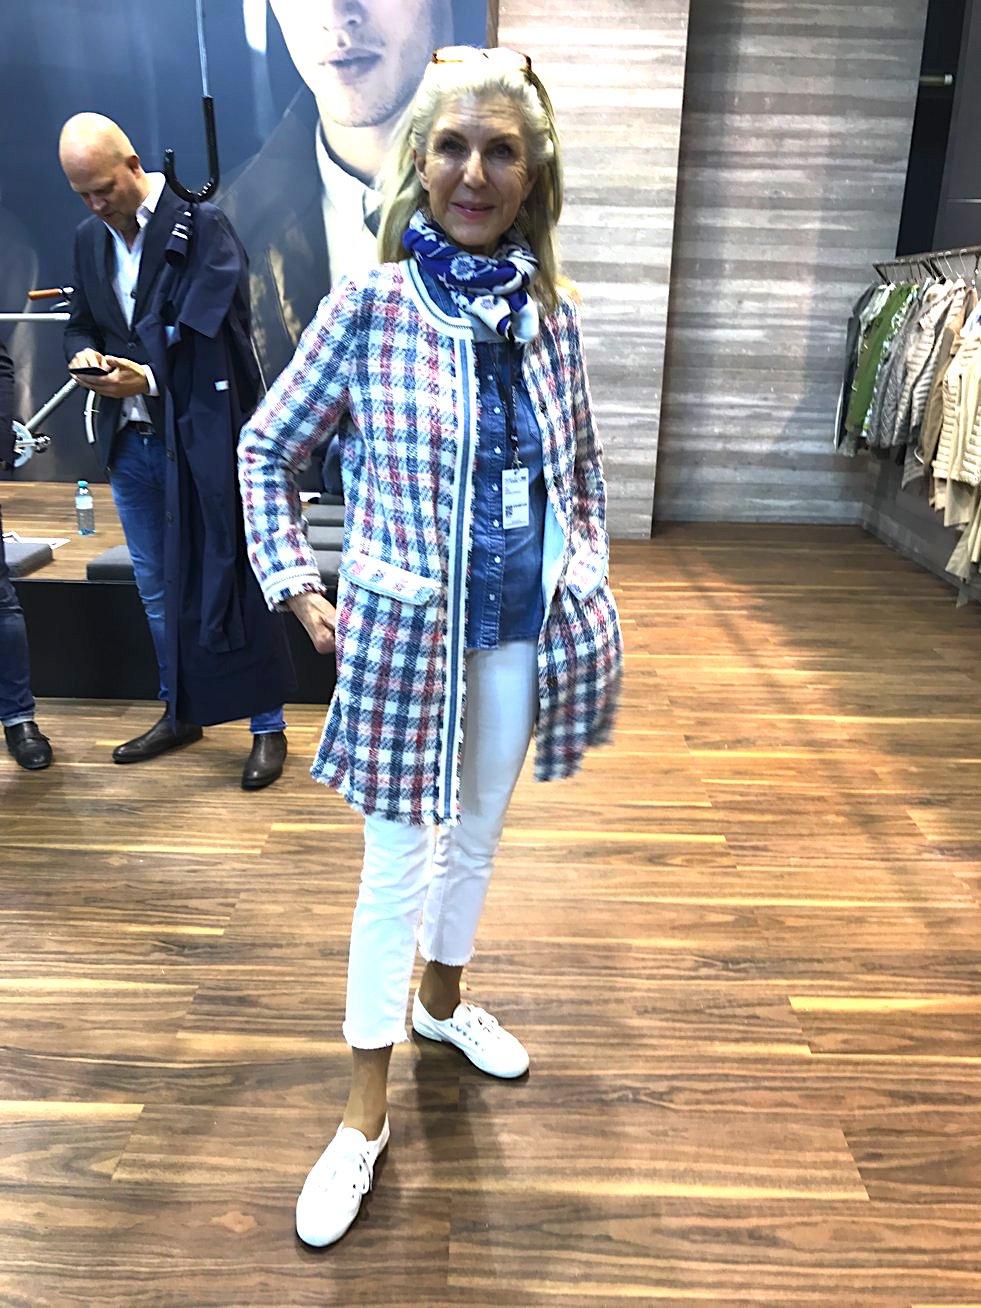 Streetstyle Fashion Week, Kronprinzenpalais Style, Styles Fashion Week, Looks Fashion Week, Fashion-Blog, Lieblingsstil.com,